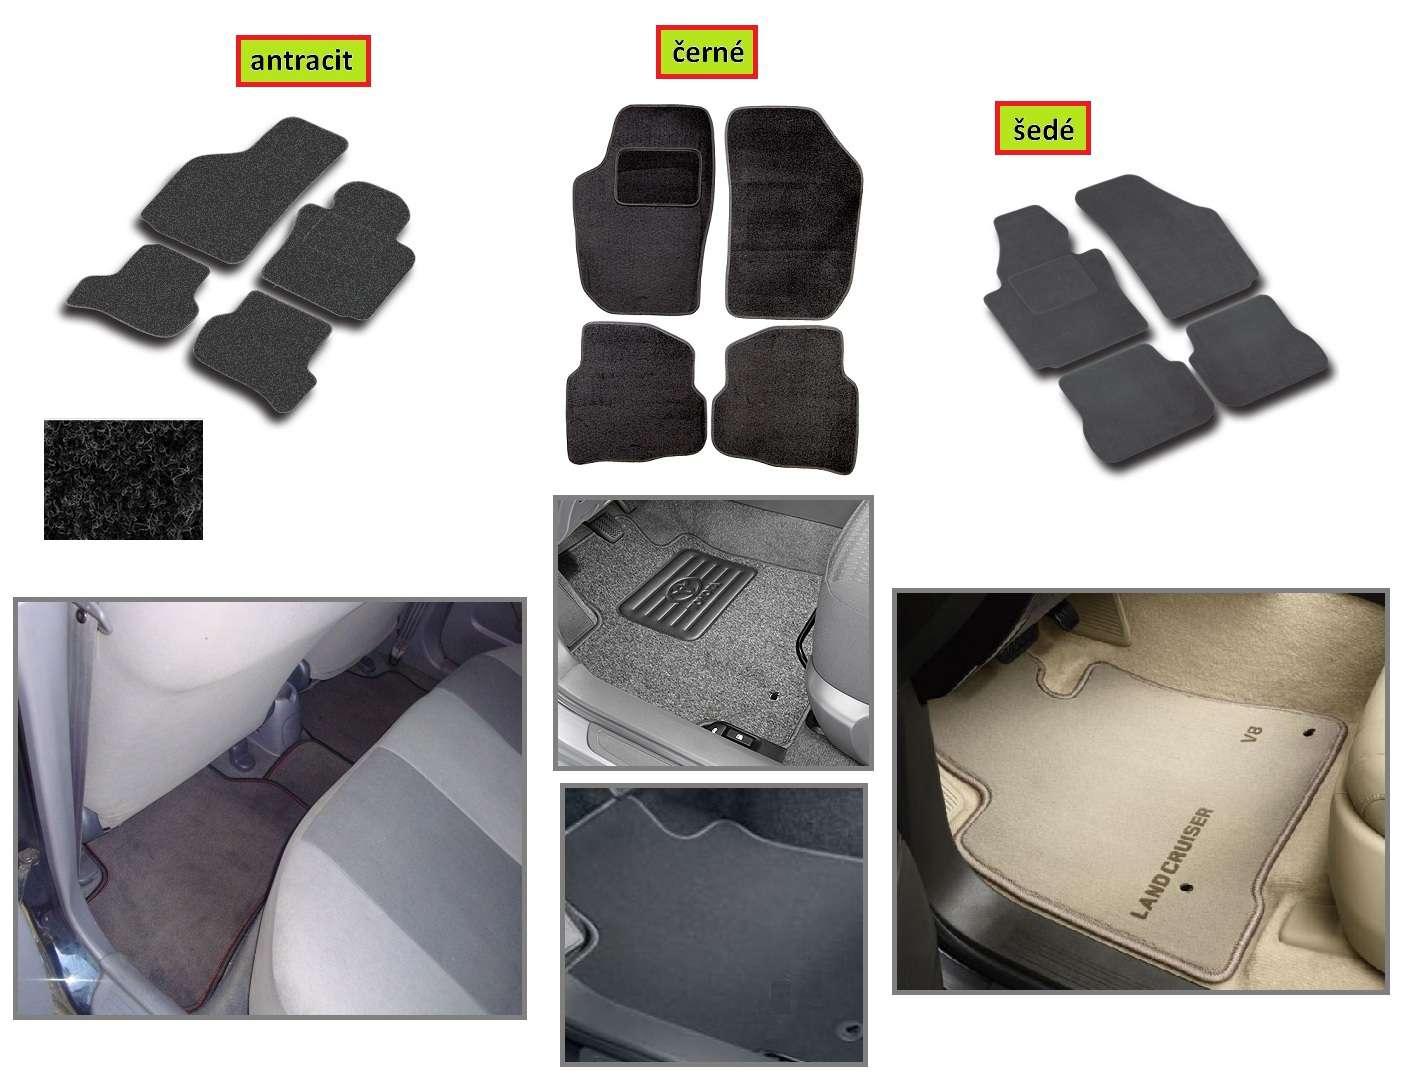 Autokoberce Hyundai I 10 2009r a výše, textilní přesné na míru autokoberce antracit